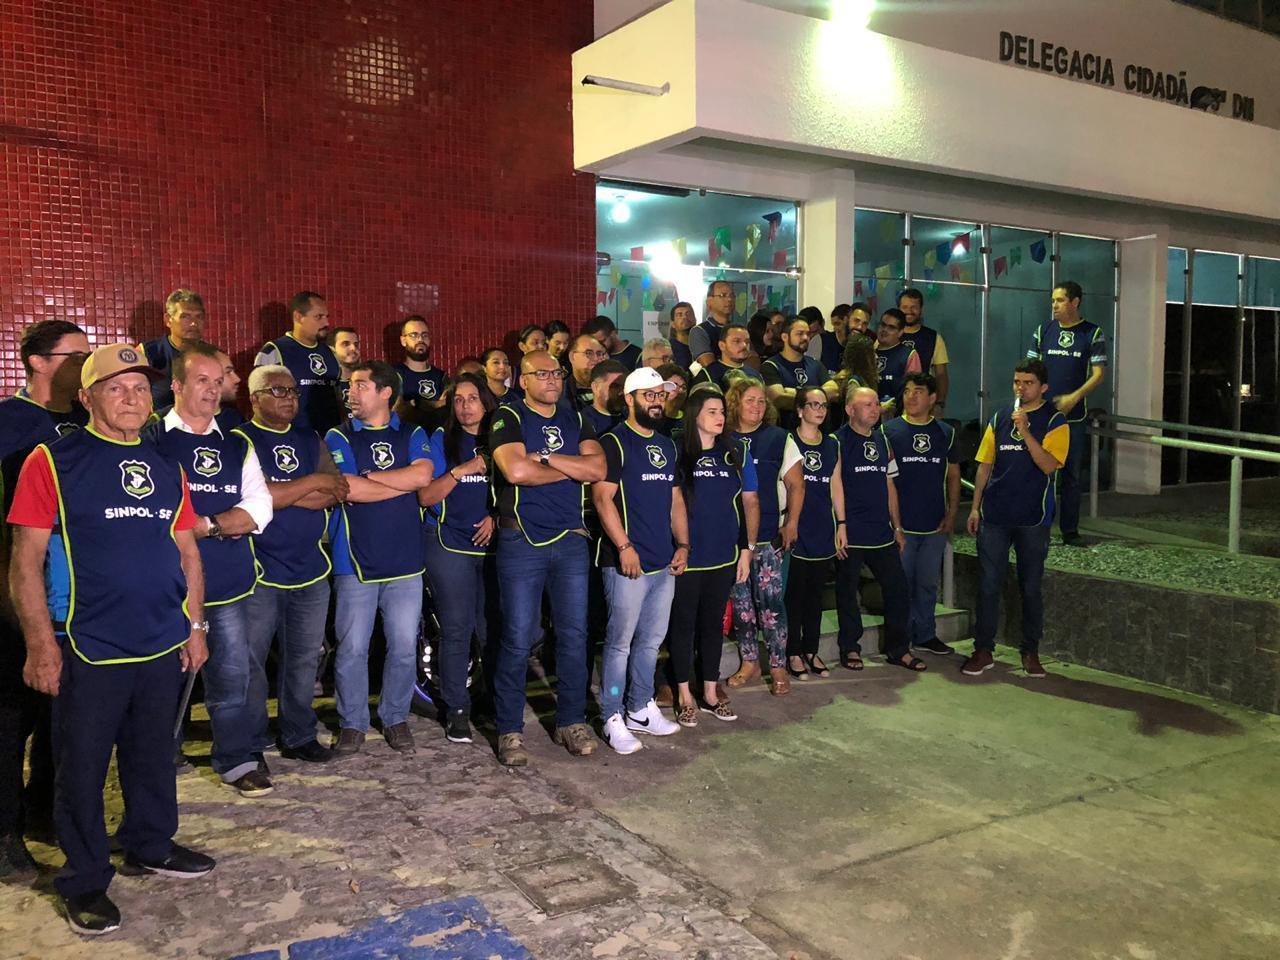 SERGIPE: POLÍCIA CIVIL PODE PARALISAR SUAS ATIVIDADES